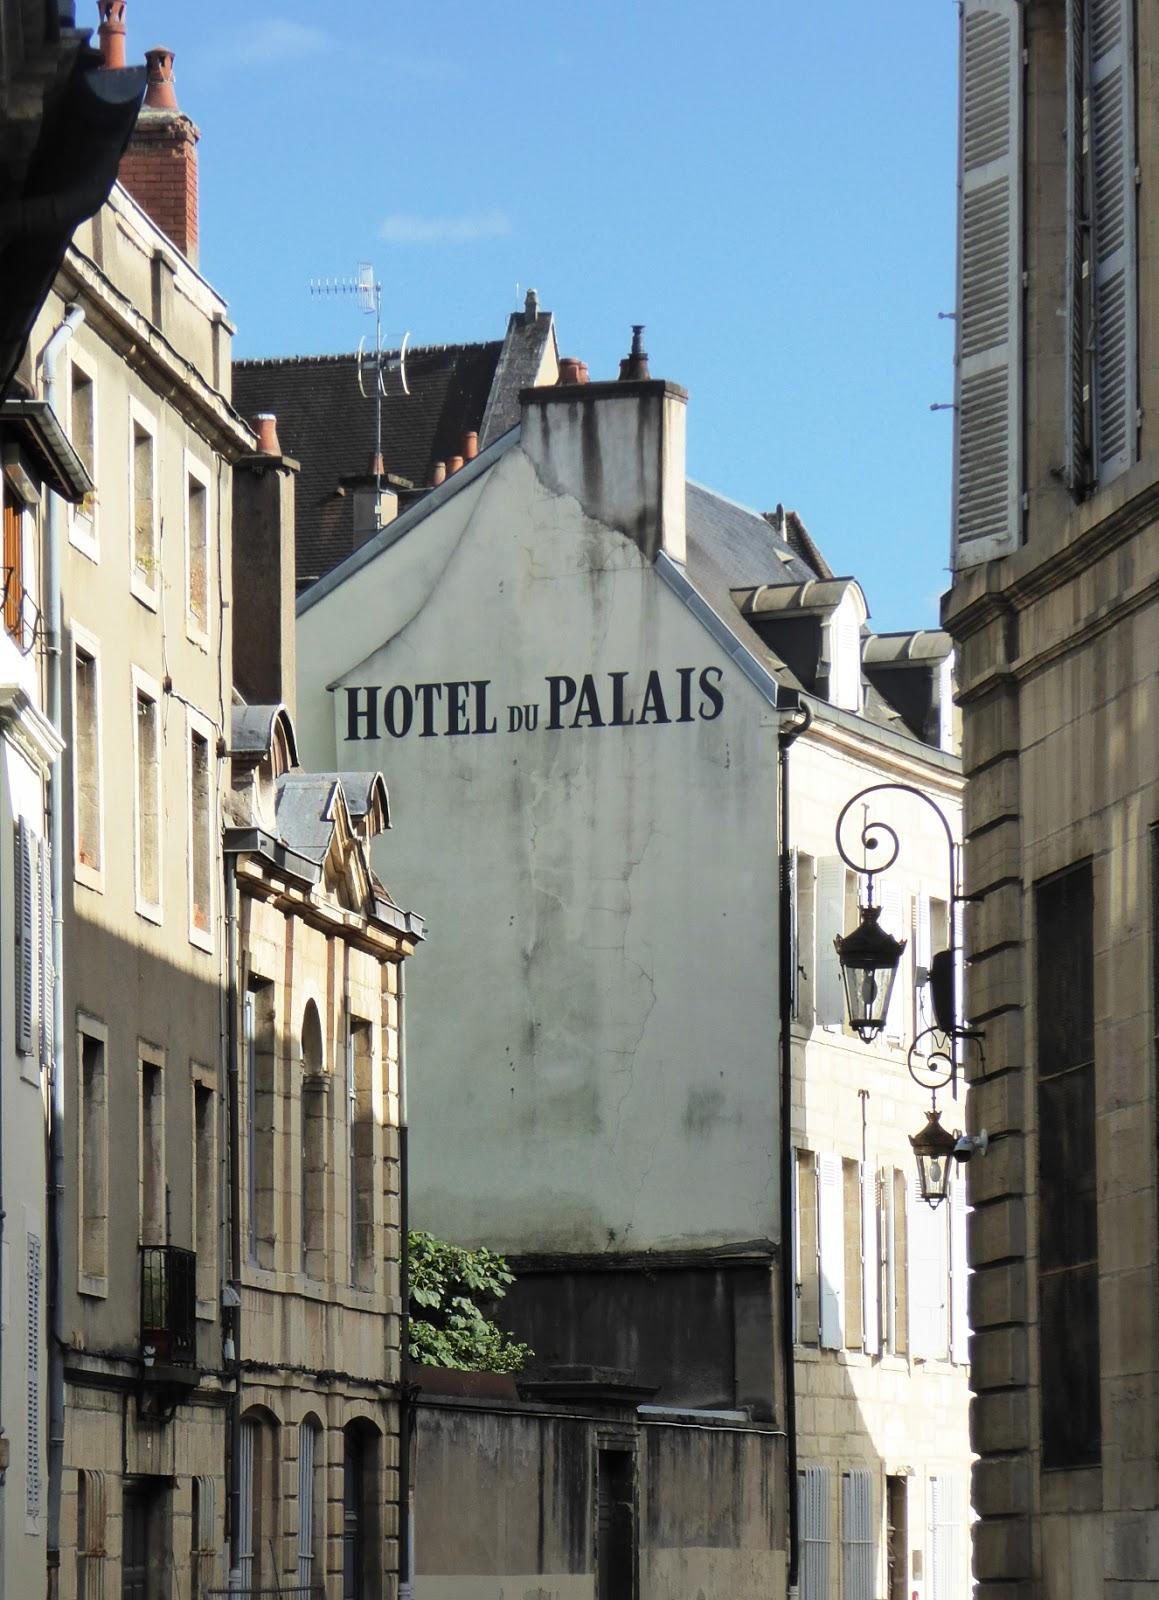 des signes sur les murs hotel du palais. Black Bedroom Furniture Sets. Home Design Ideas